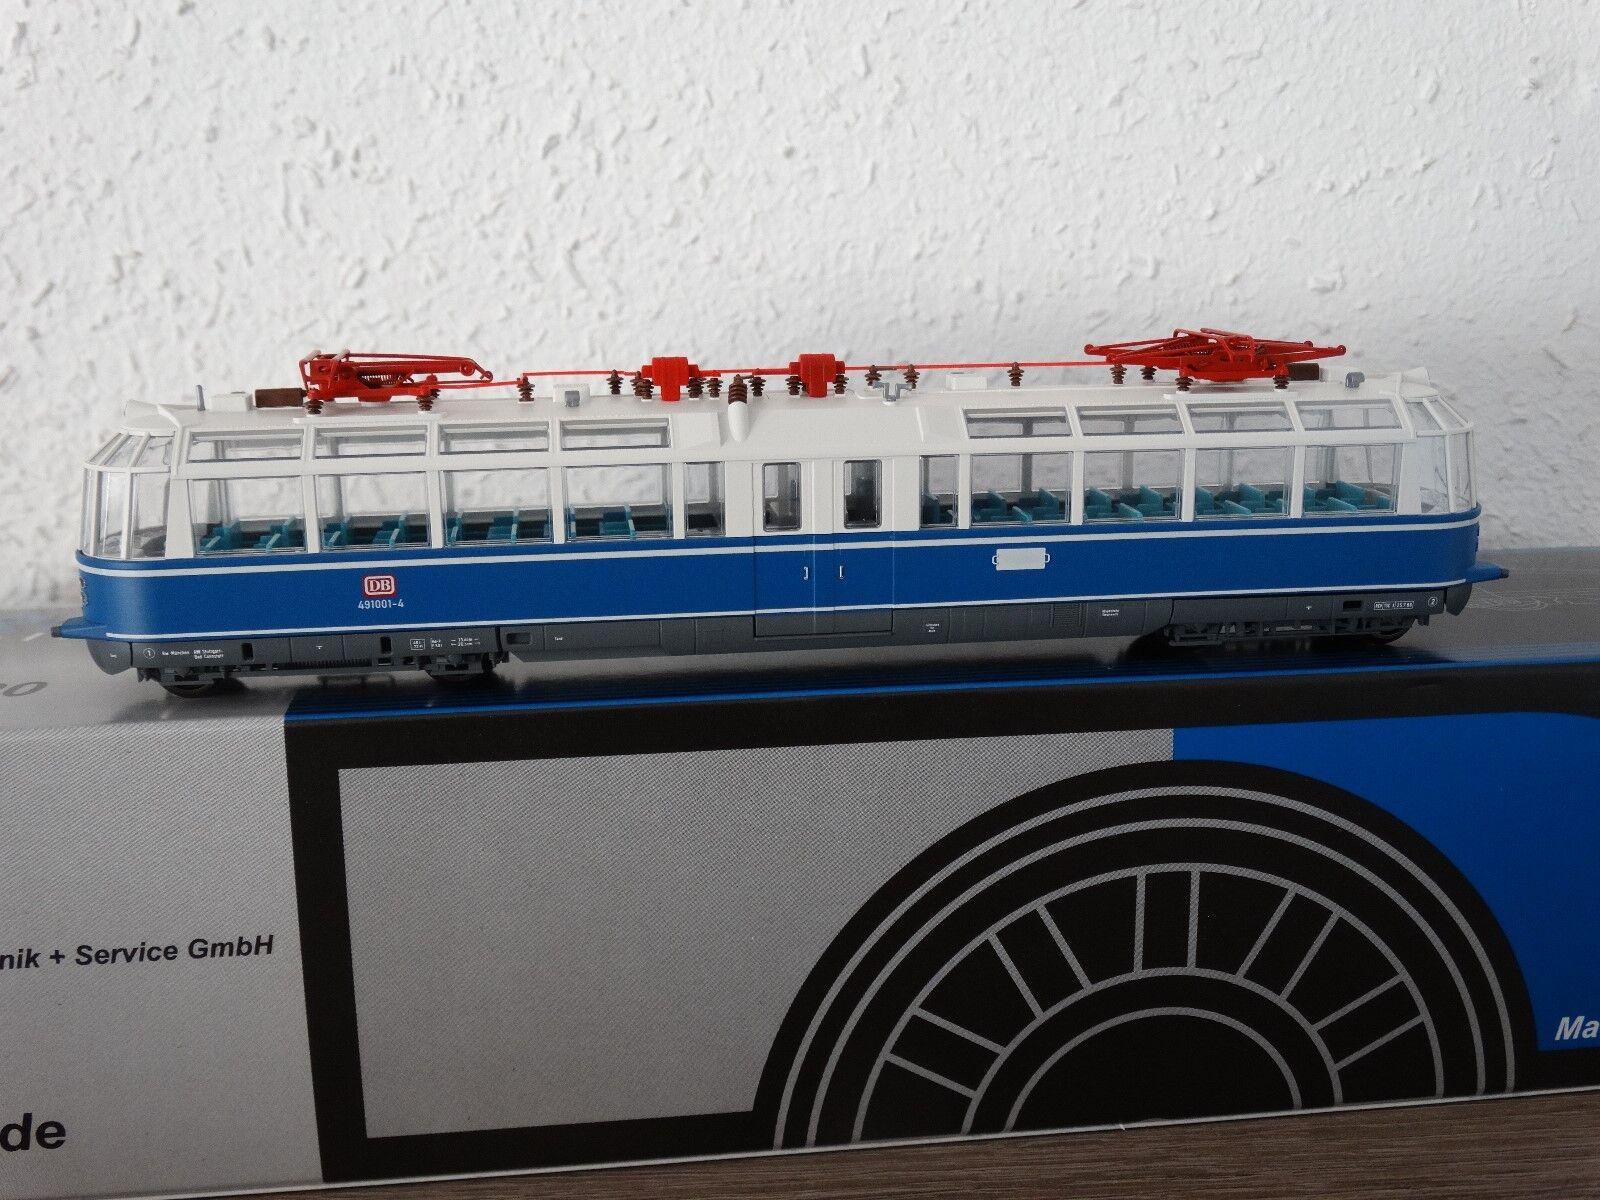 TT 1/120 KRES 4911 e-trainante carrello et91  TRENO VETRO  NUOVO